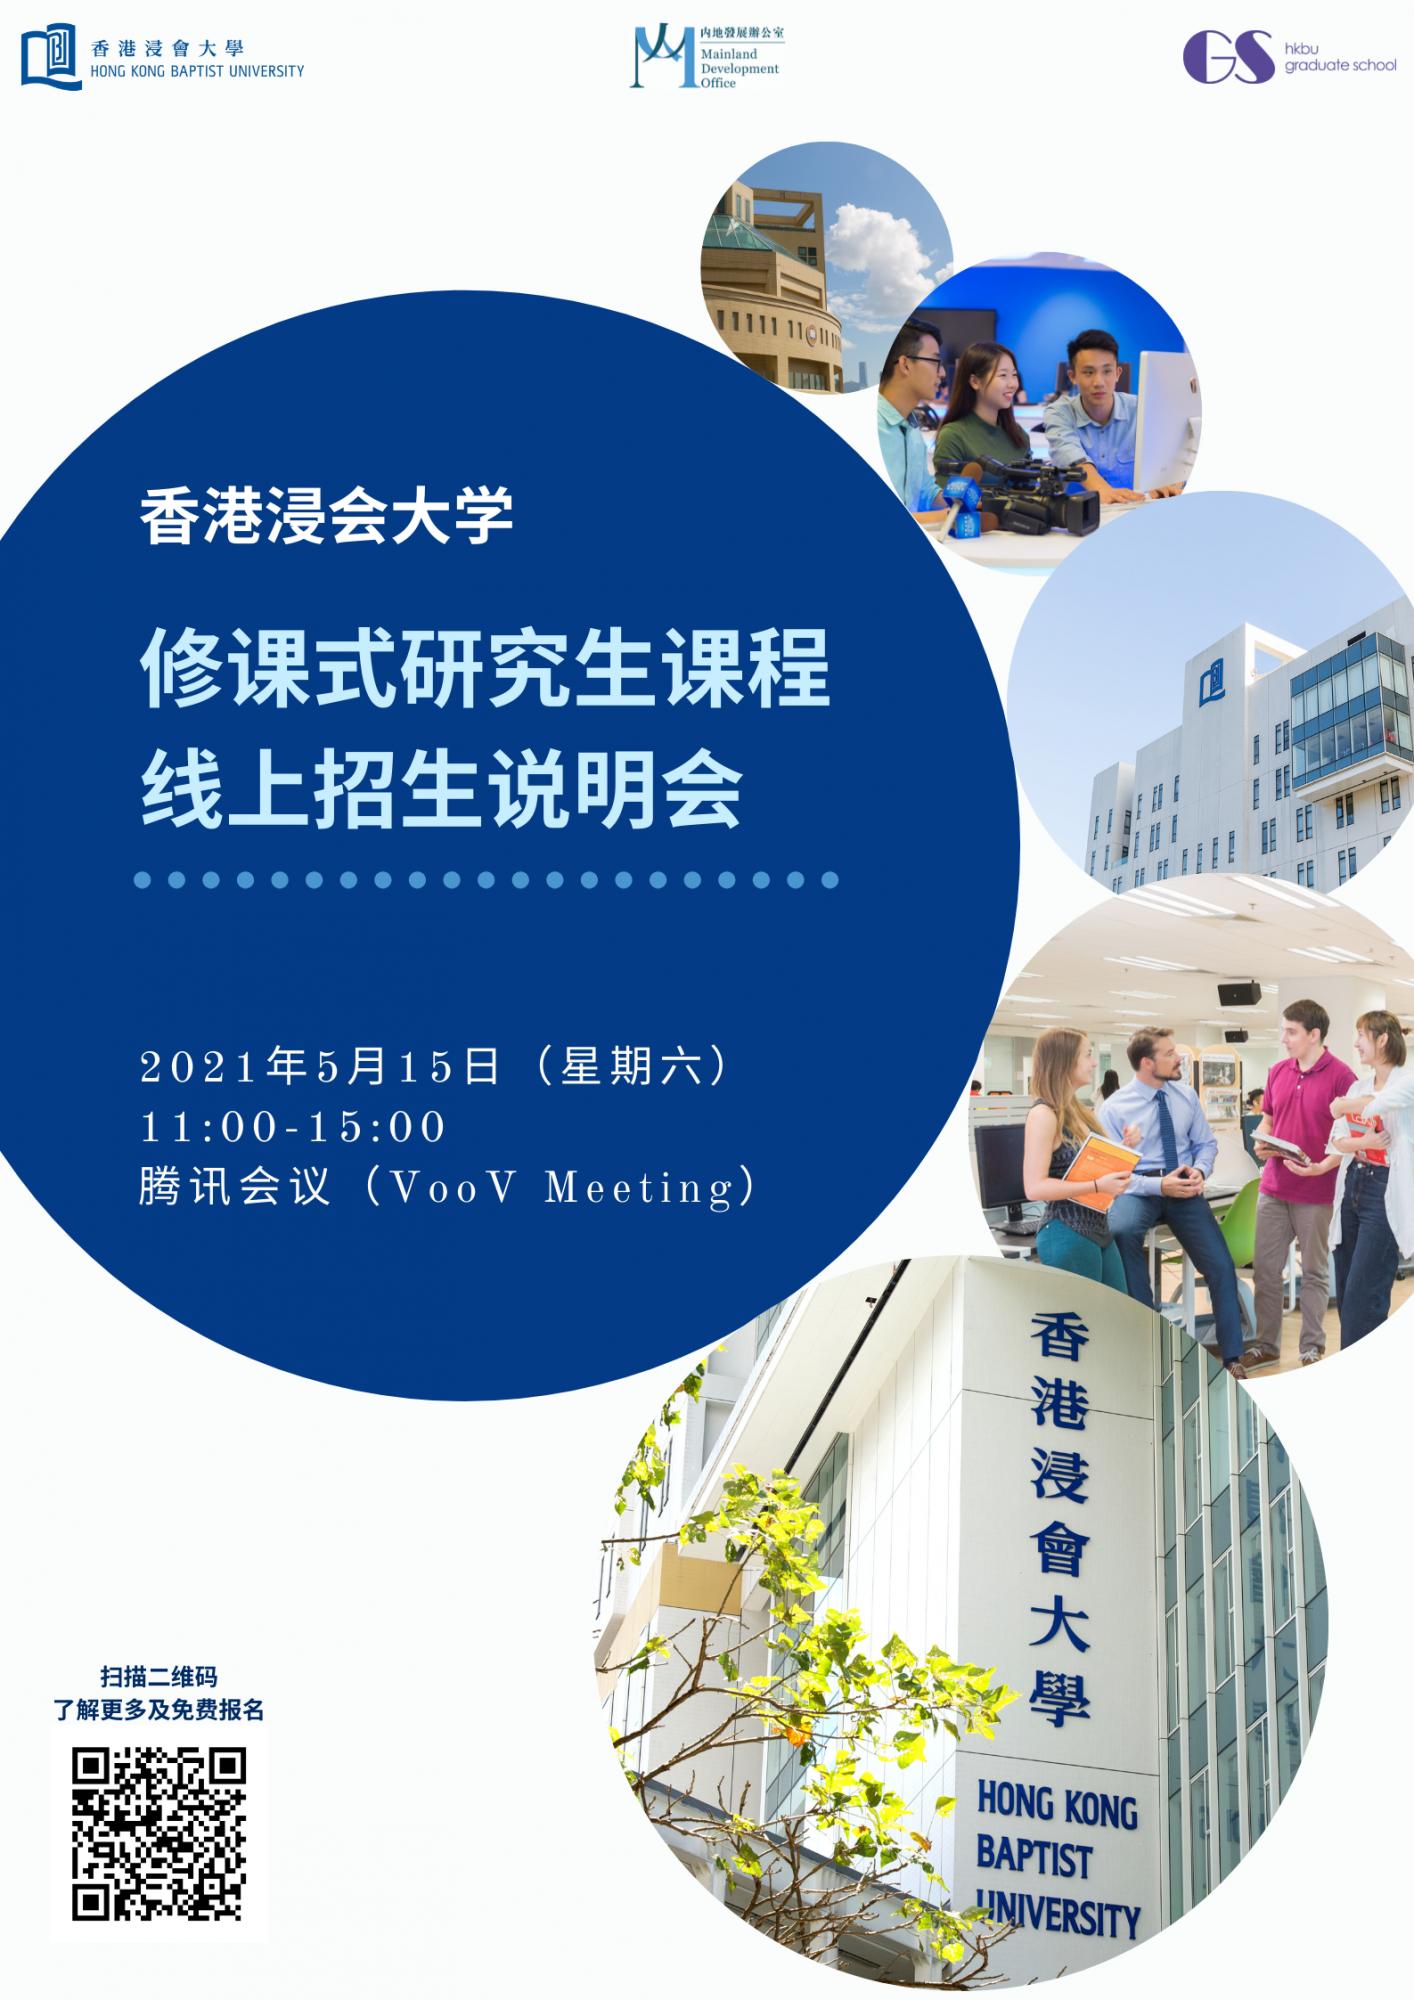 香港浸会大学修课式研究生课程在线招生说明会